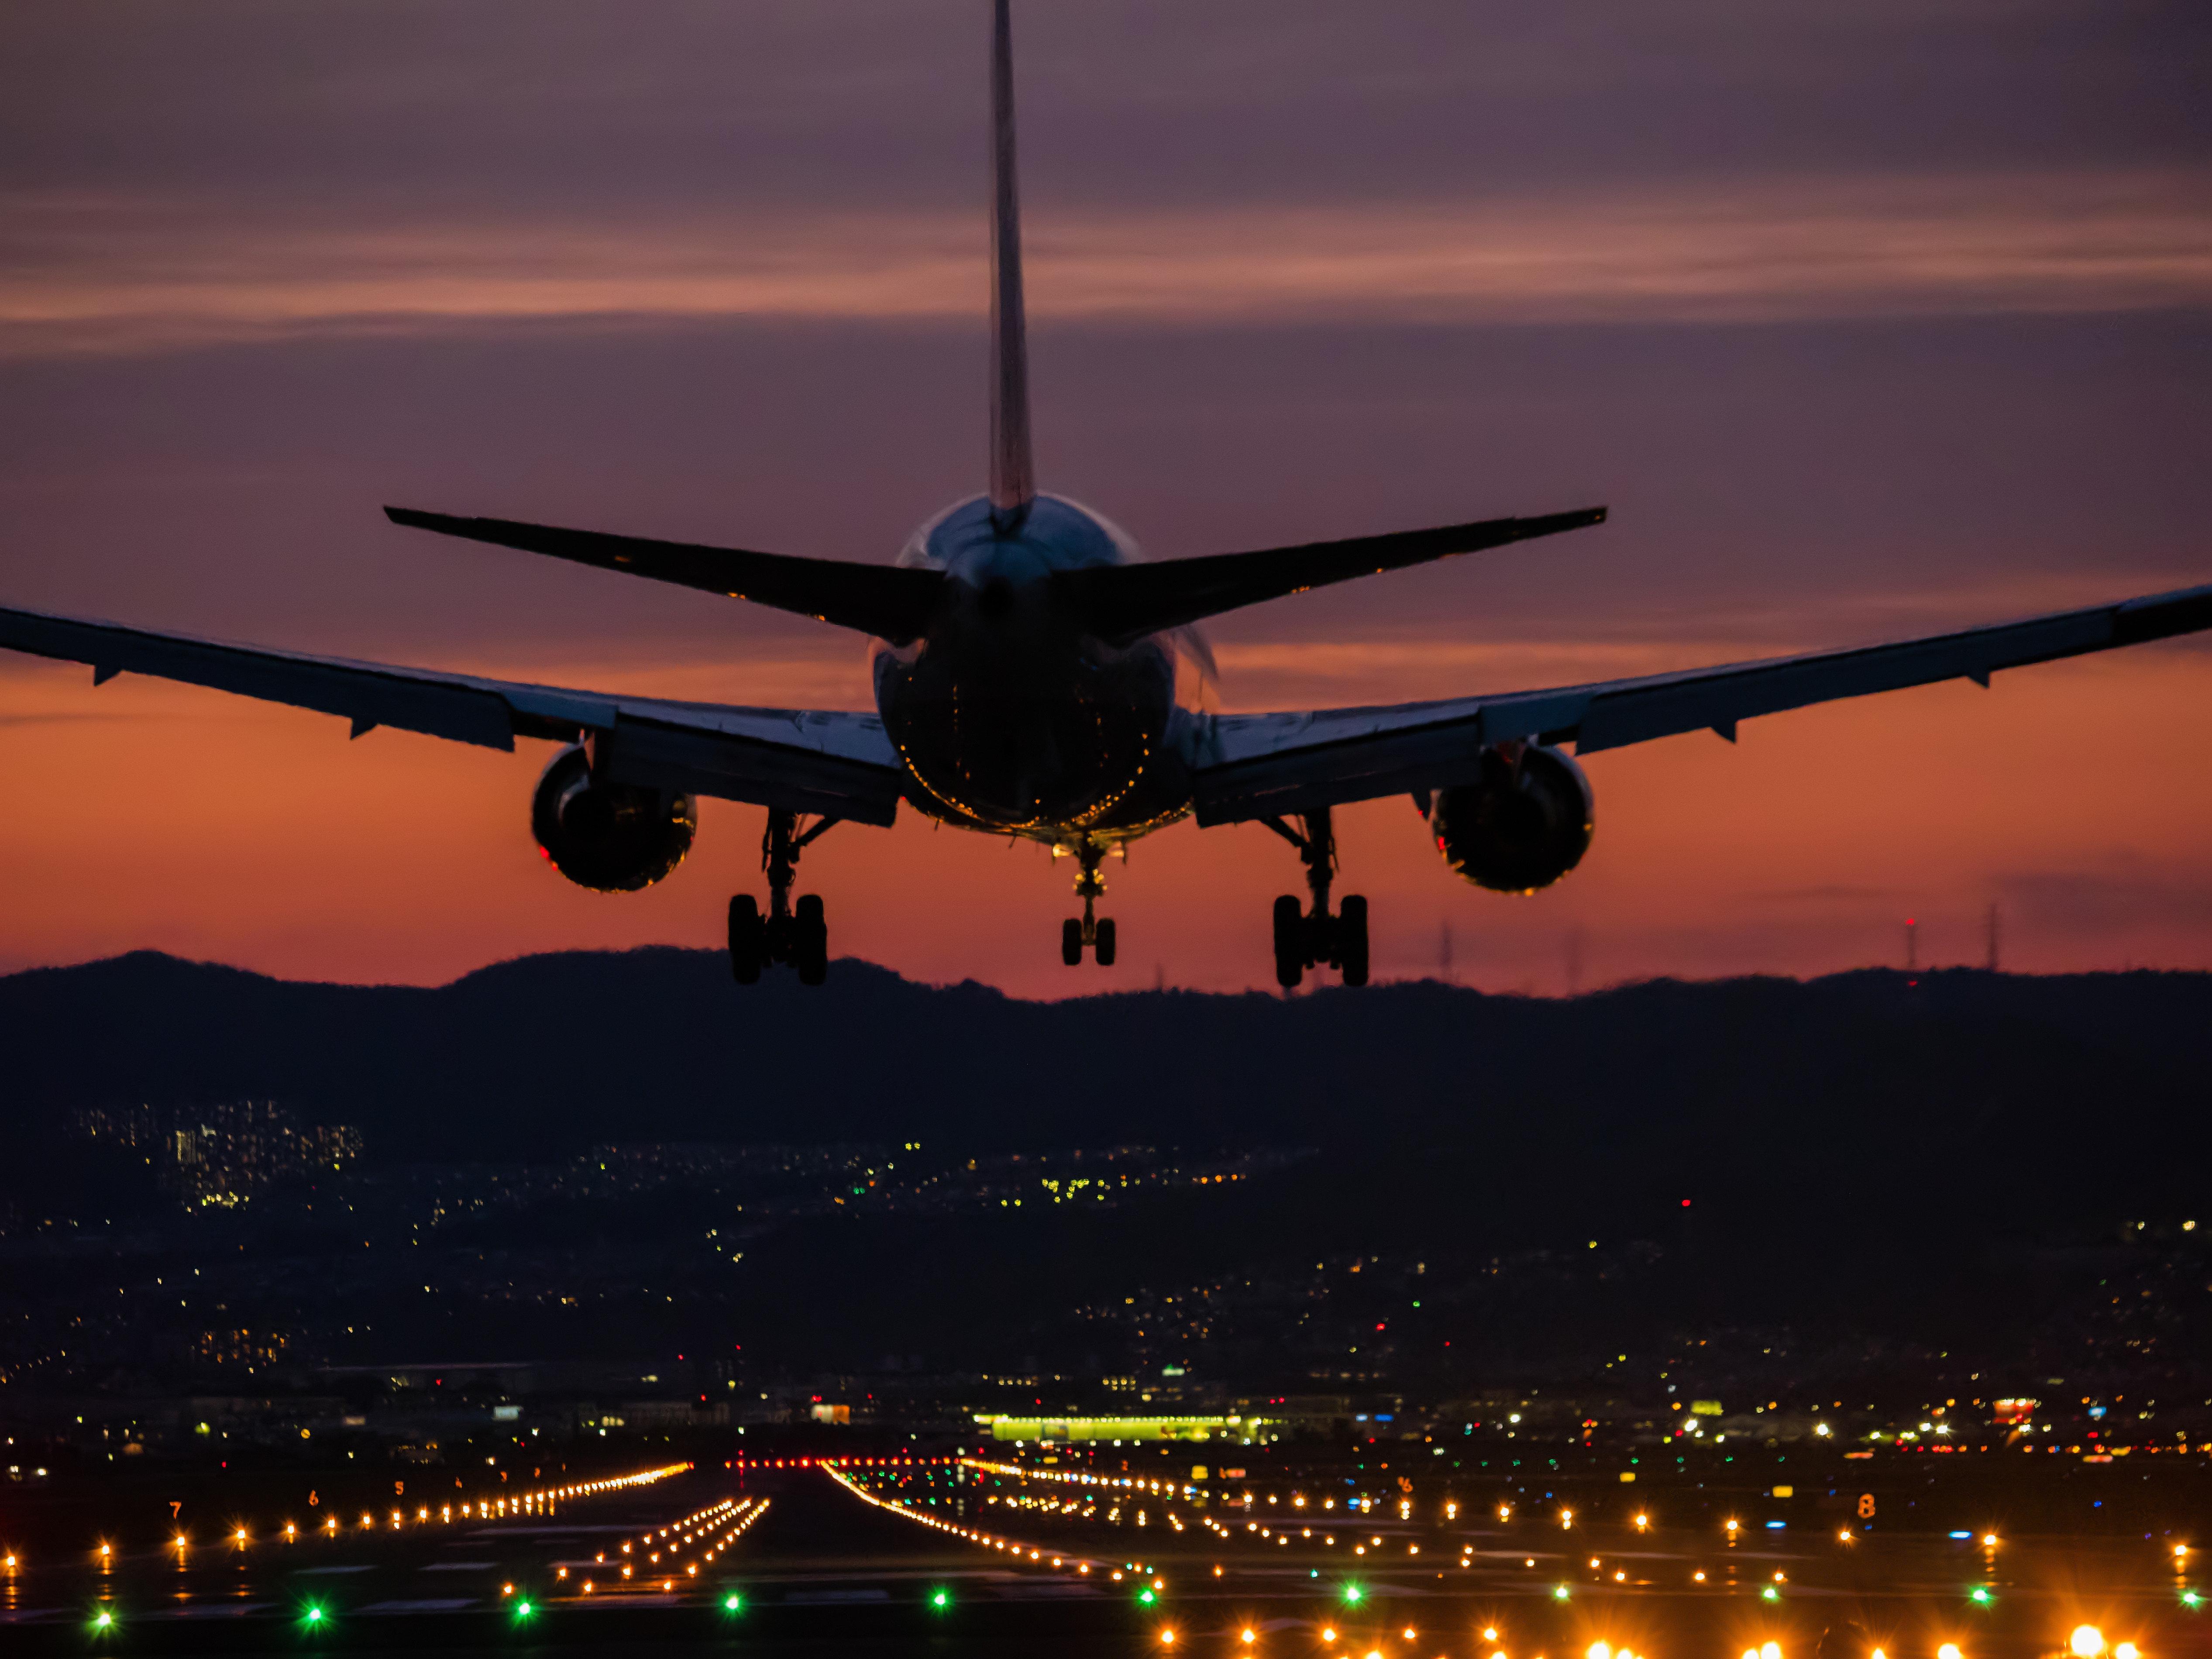 Πιλότος αποκαλύπτει μια τρομακτική αλήθεια για τις νυχτερινές